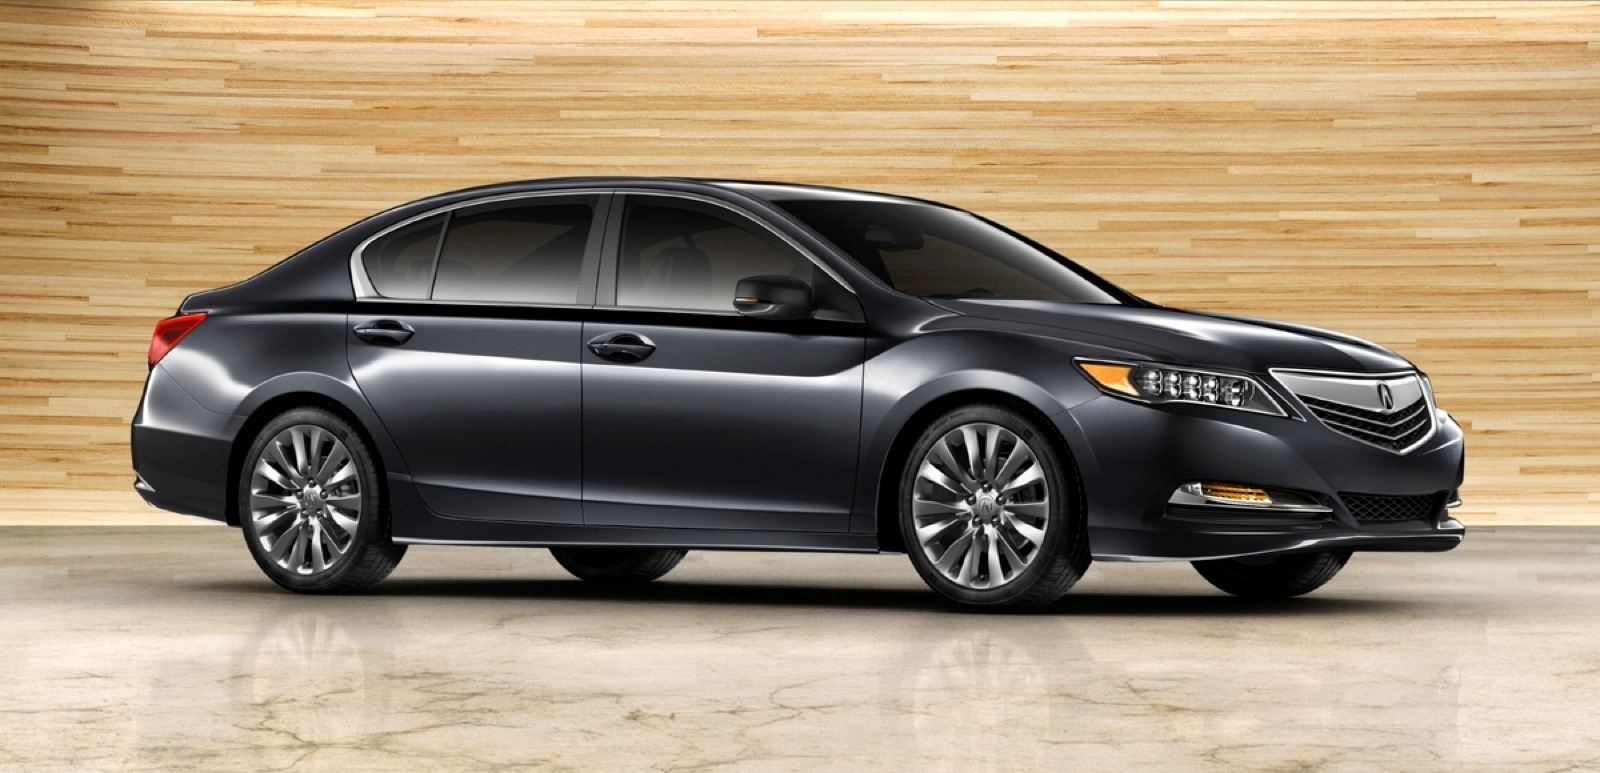 """بالفيديو والصور .. سيارة اكيورا 2014"""" Acura RLX"""" .. انسيابية وأداء سريع 2014-acura-rlx_100410661_h"""